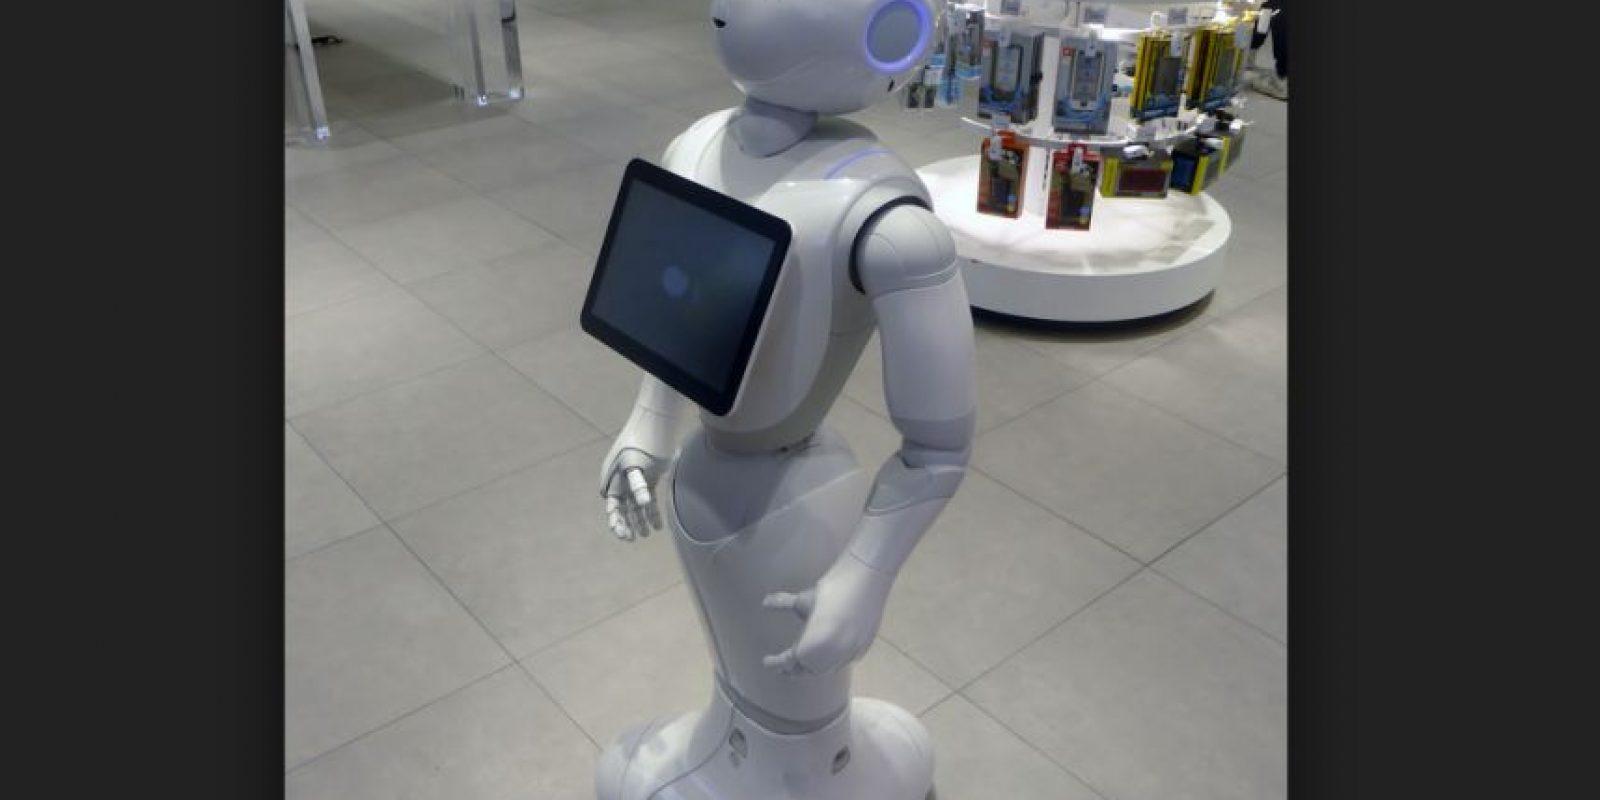 Es un robot humanoide creado pro la empresa Aldebaran Robotics para SoftBank Mobile diseñado con la capacidad de leer las emociones Foto:Wikicommons